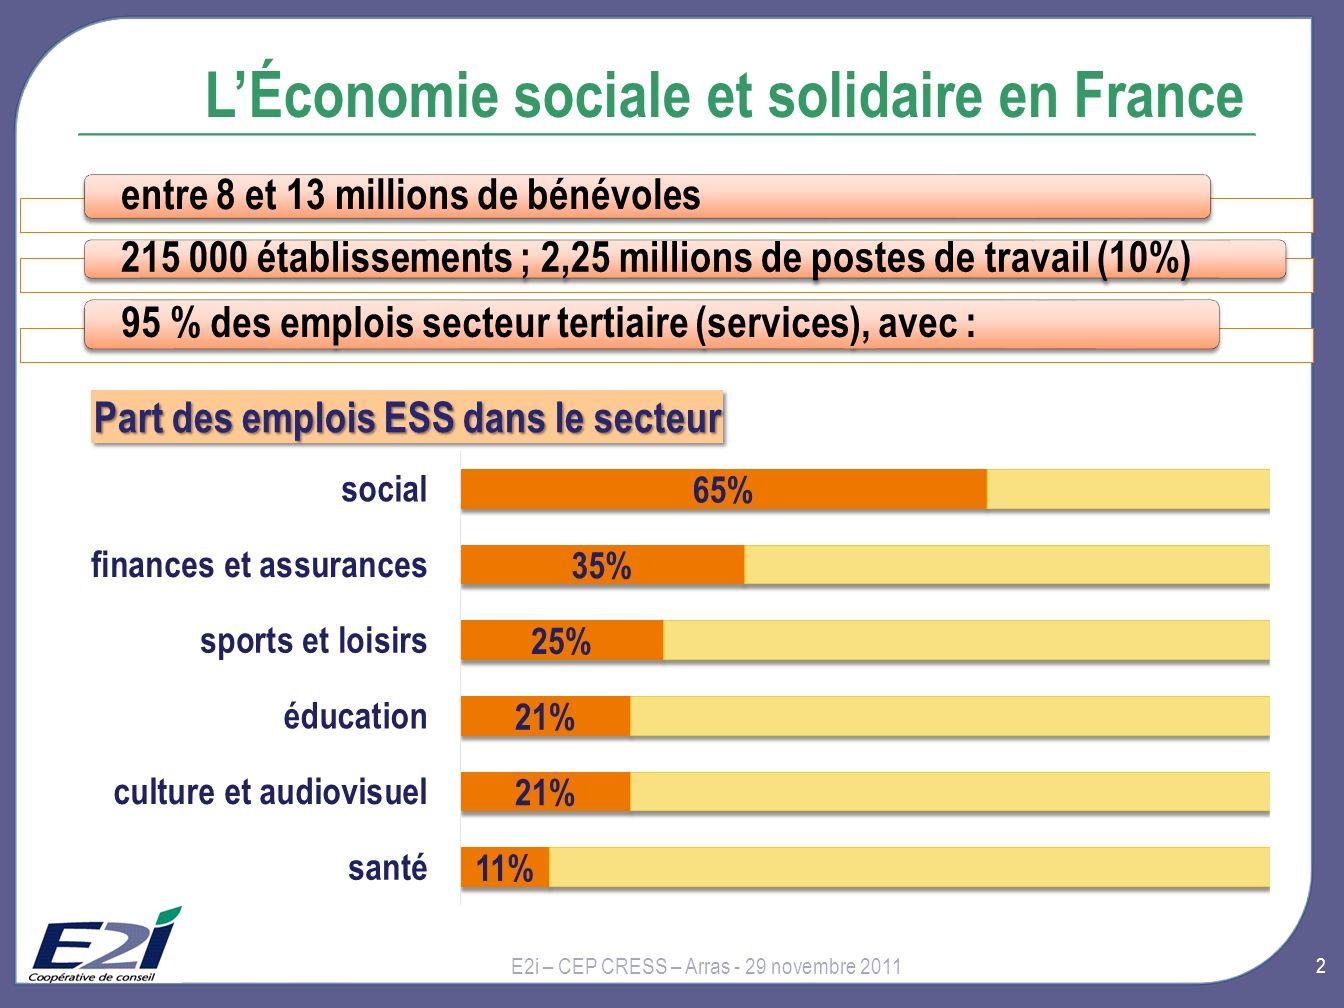 L'Économie sociale et solidaire en France